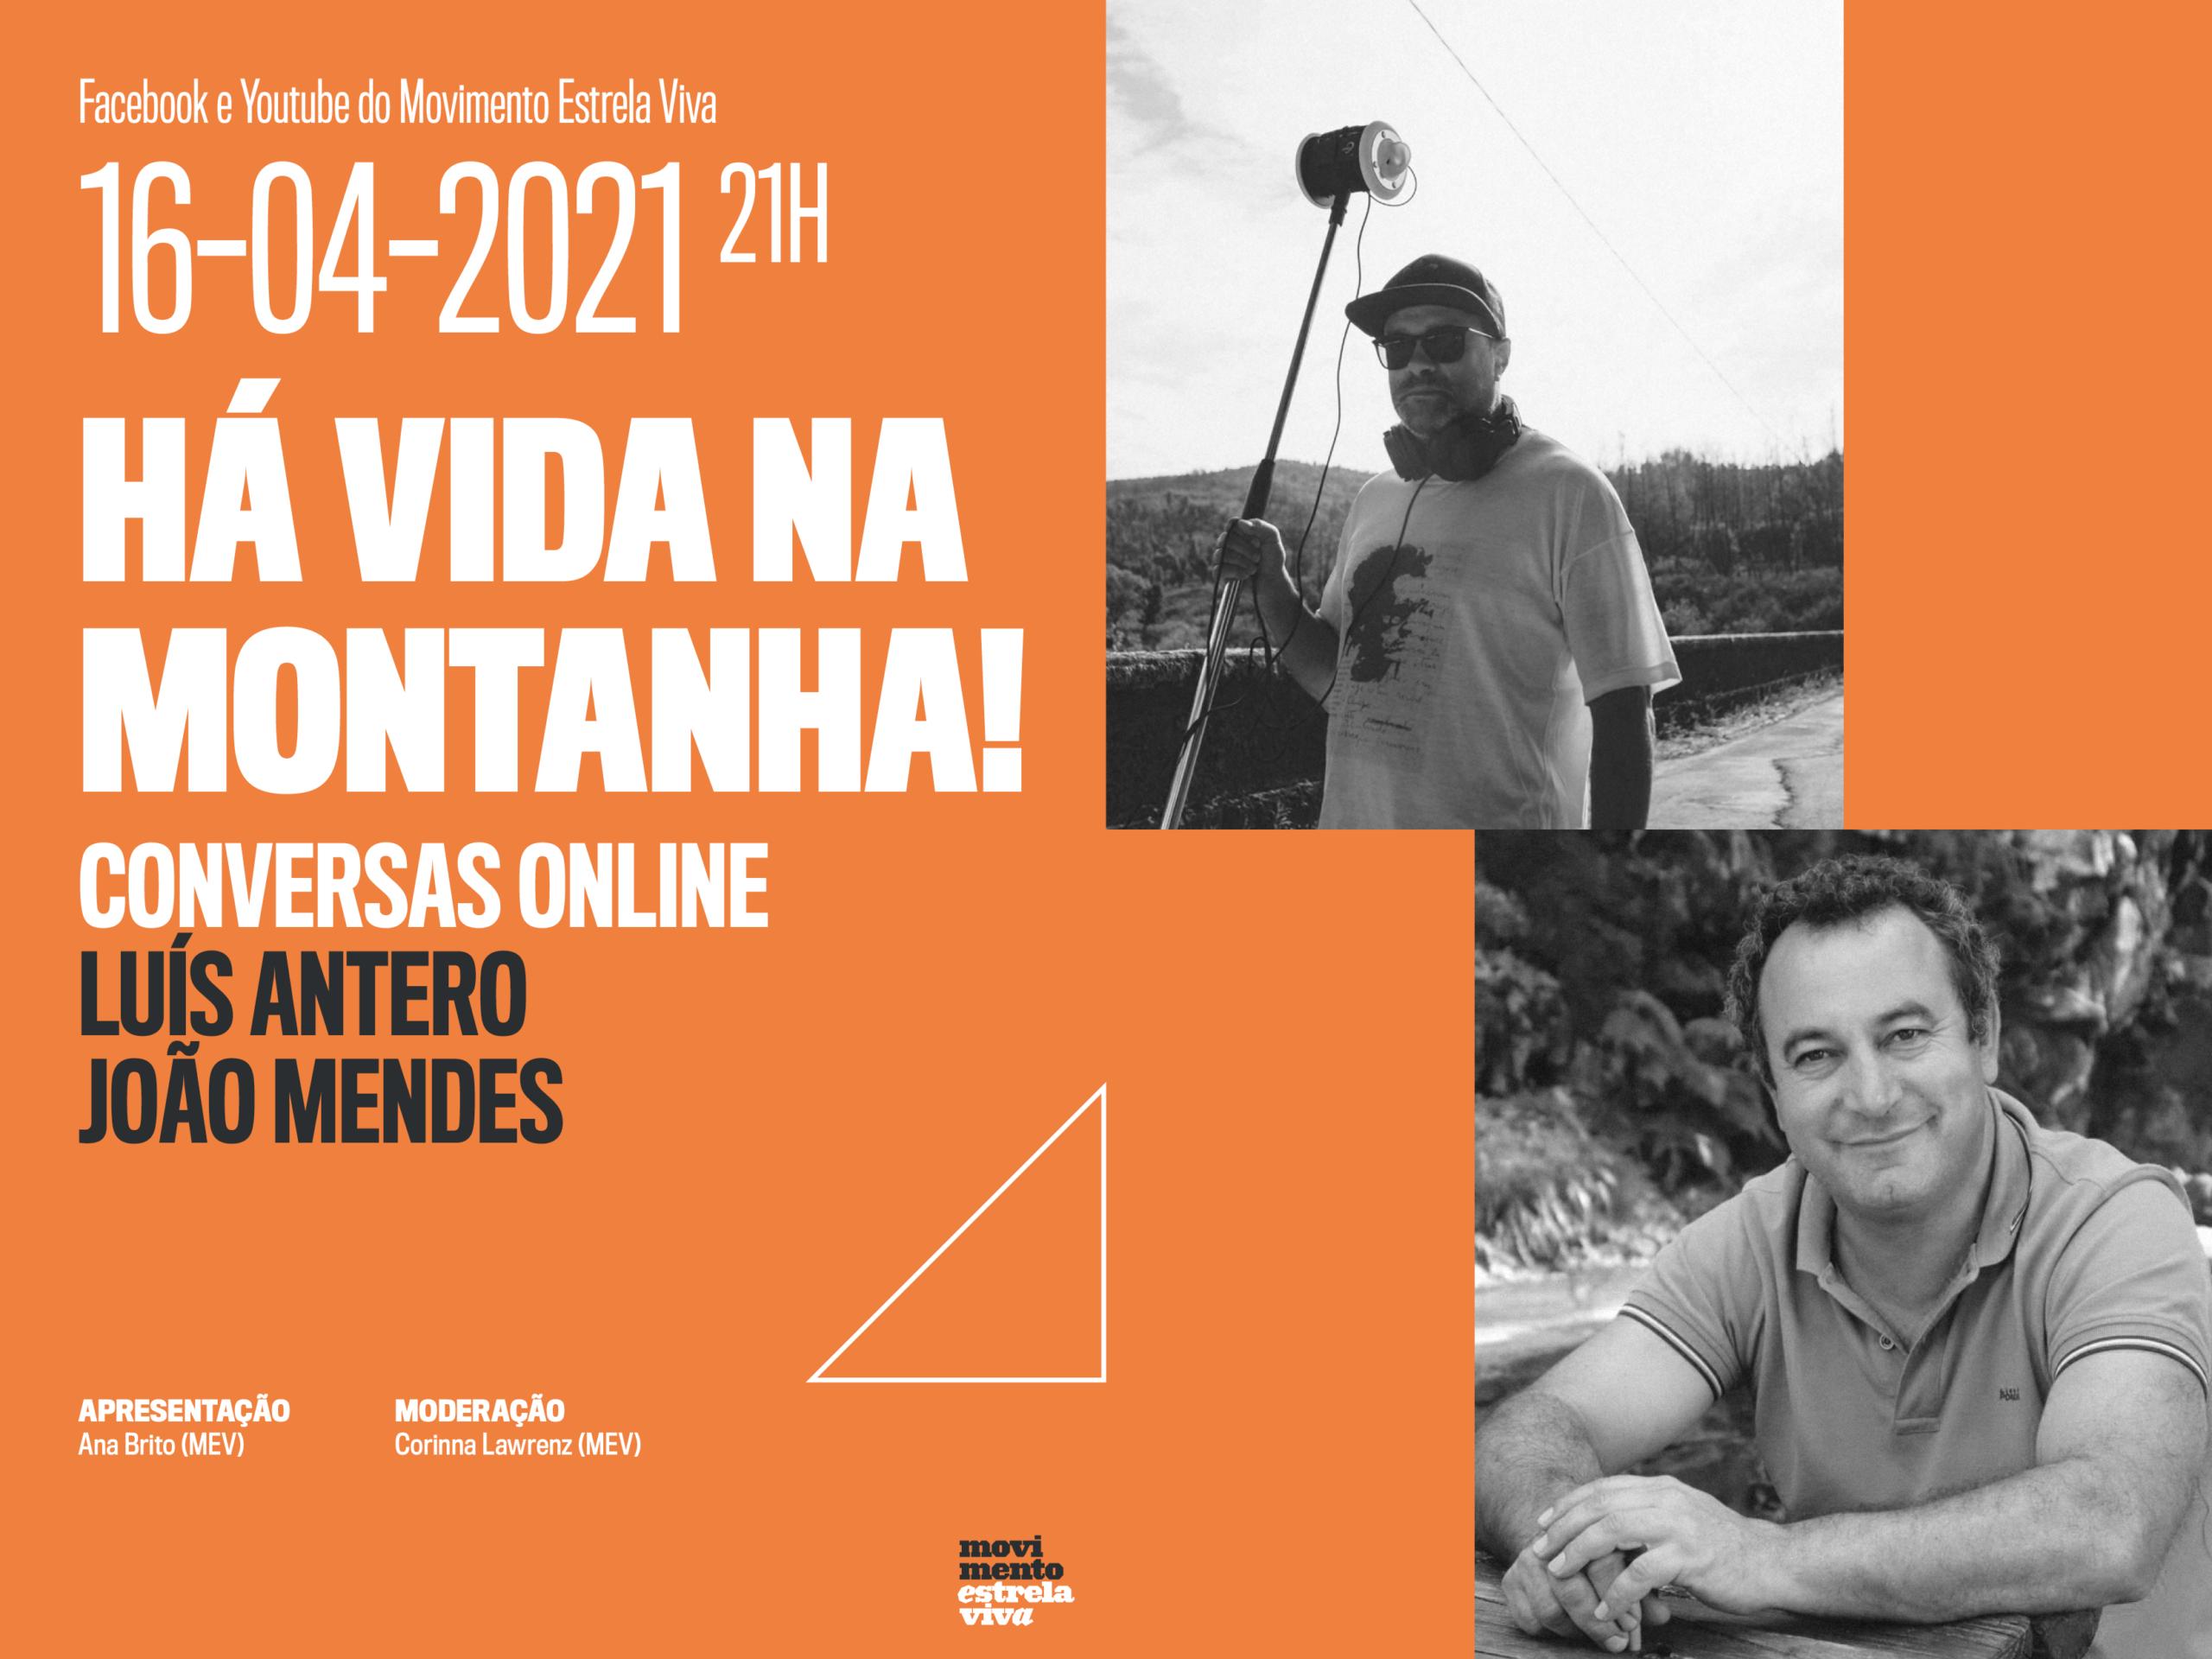 Movimento Estrela Viva promove ciclo de conversas online para discutir a vida nos territórios da Serra da Estrela